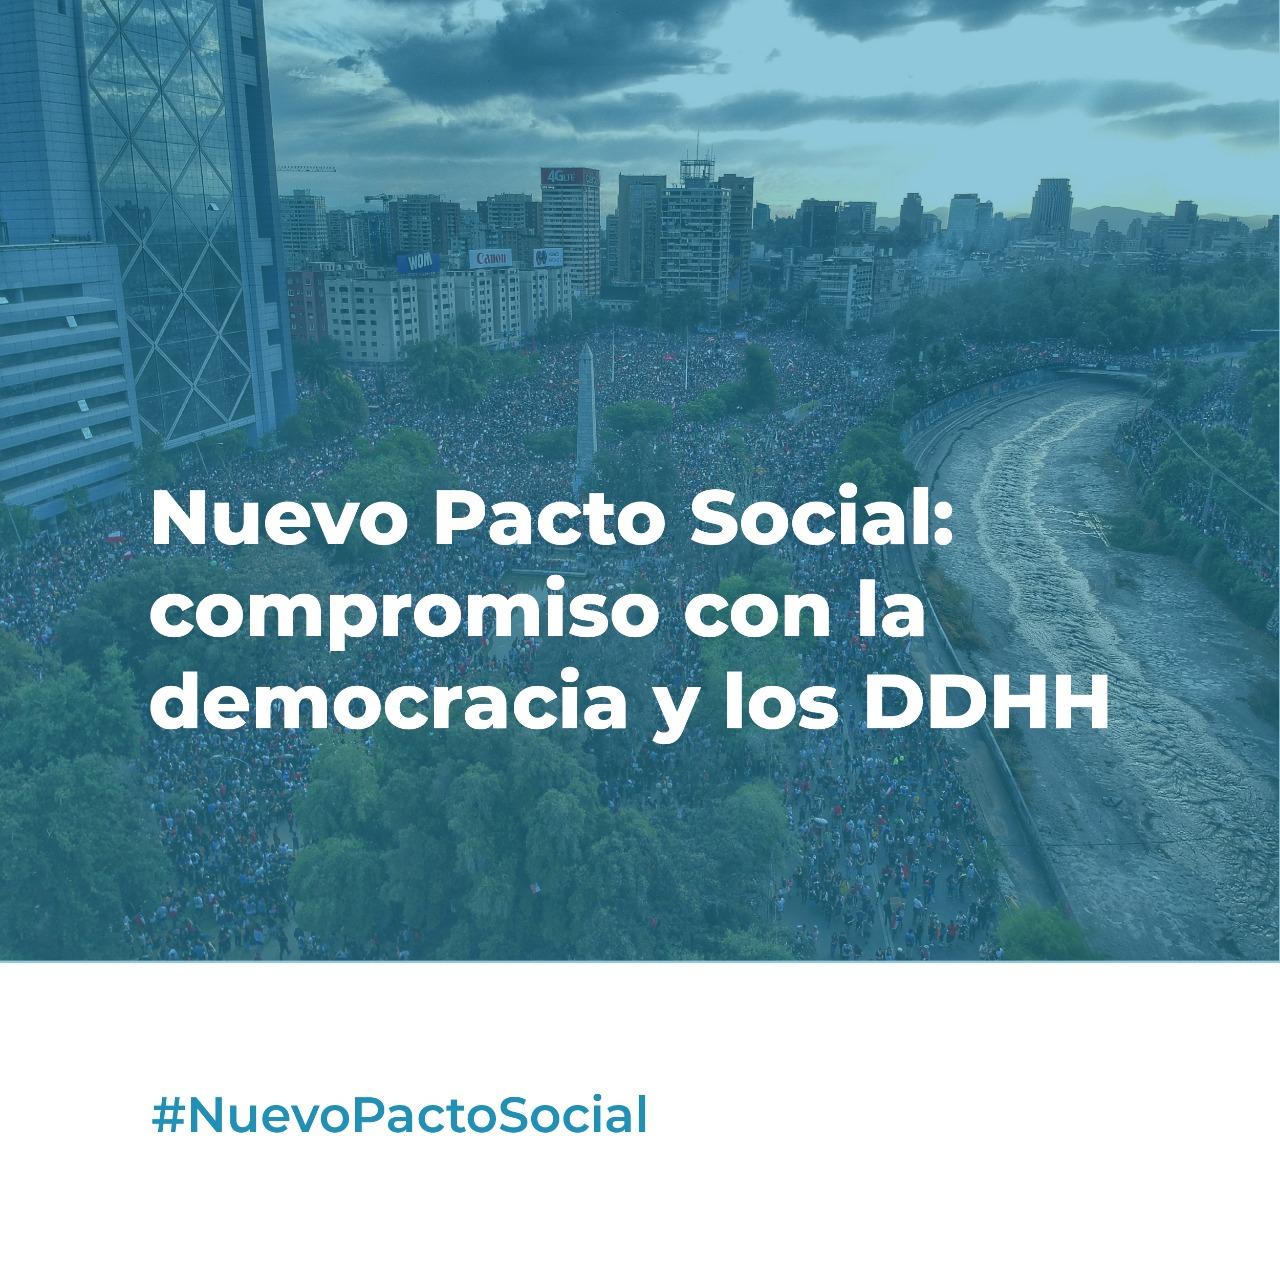 #NuevoPactoSocial